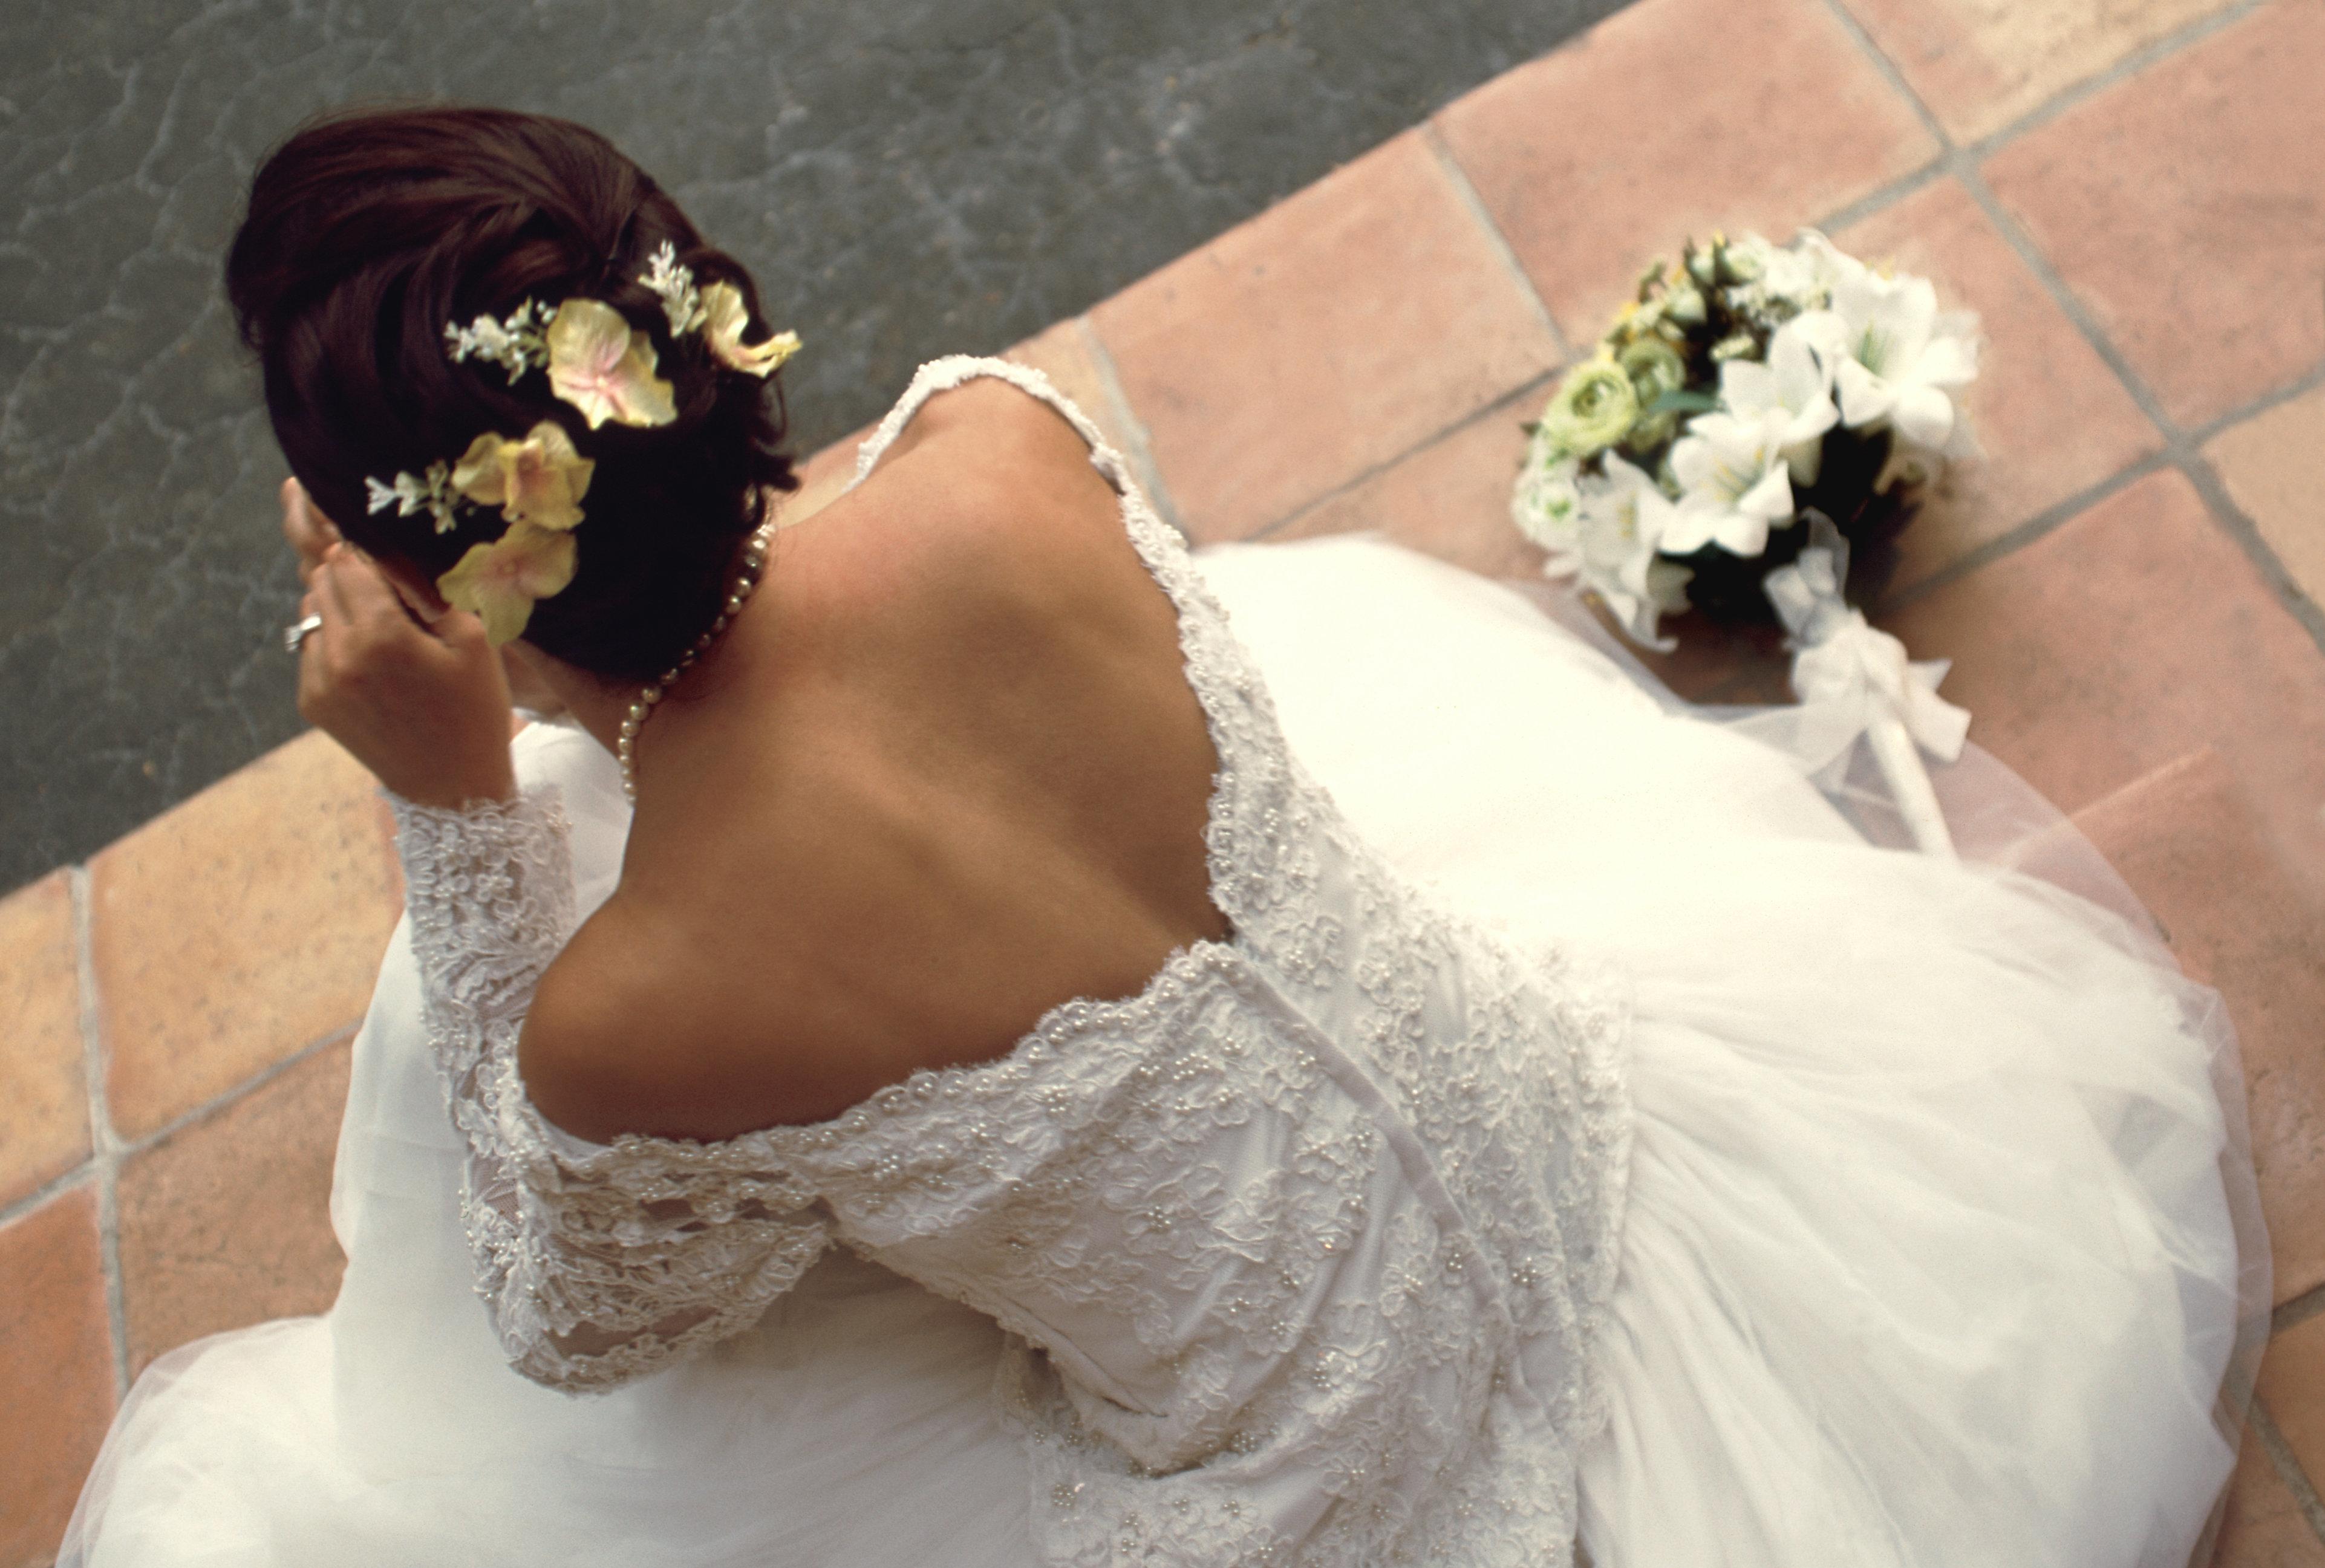 Braut wird 3 Wochen vor der Hochzeit sitzen gelassen – was danach passiert, ist filmreif